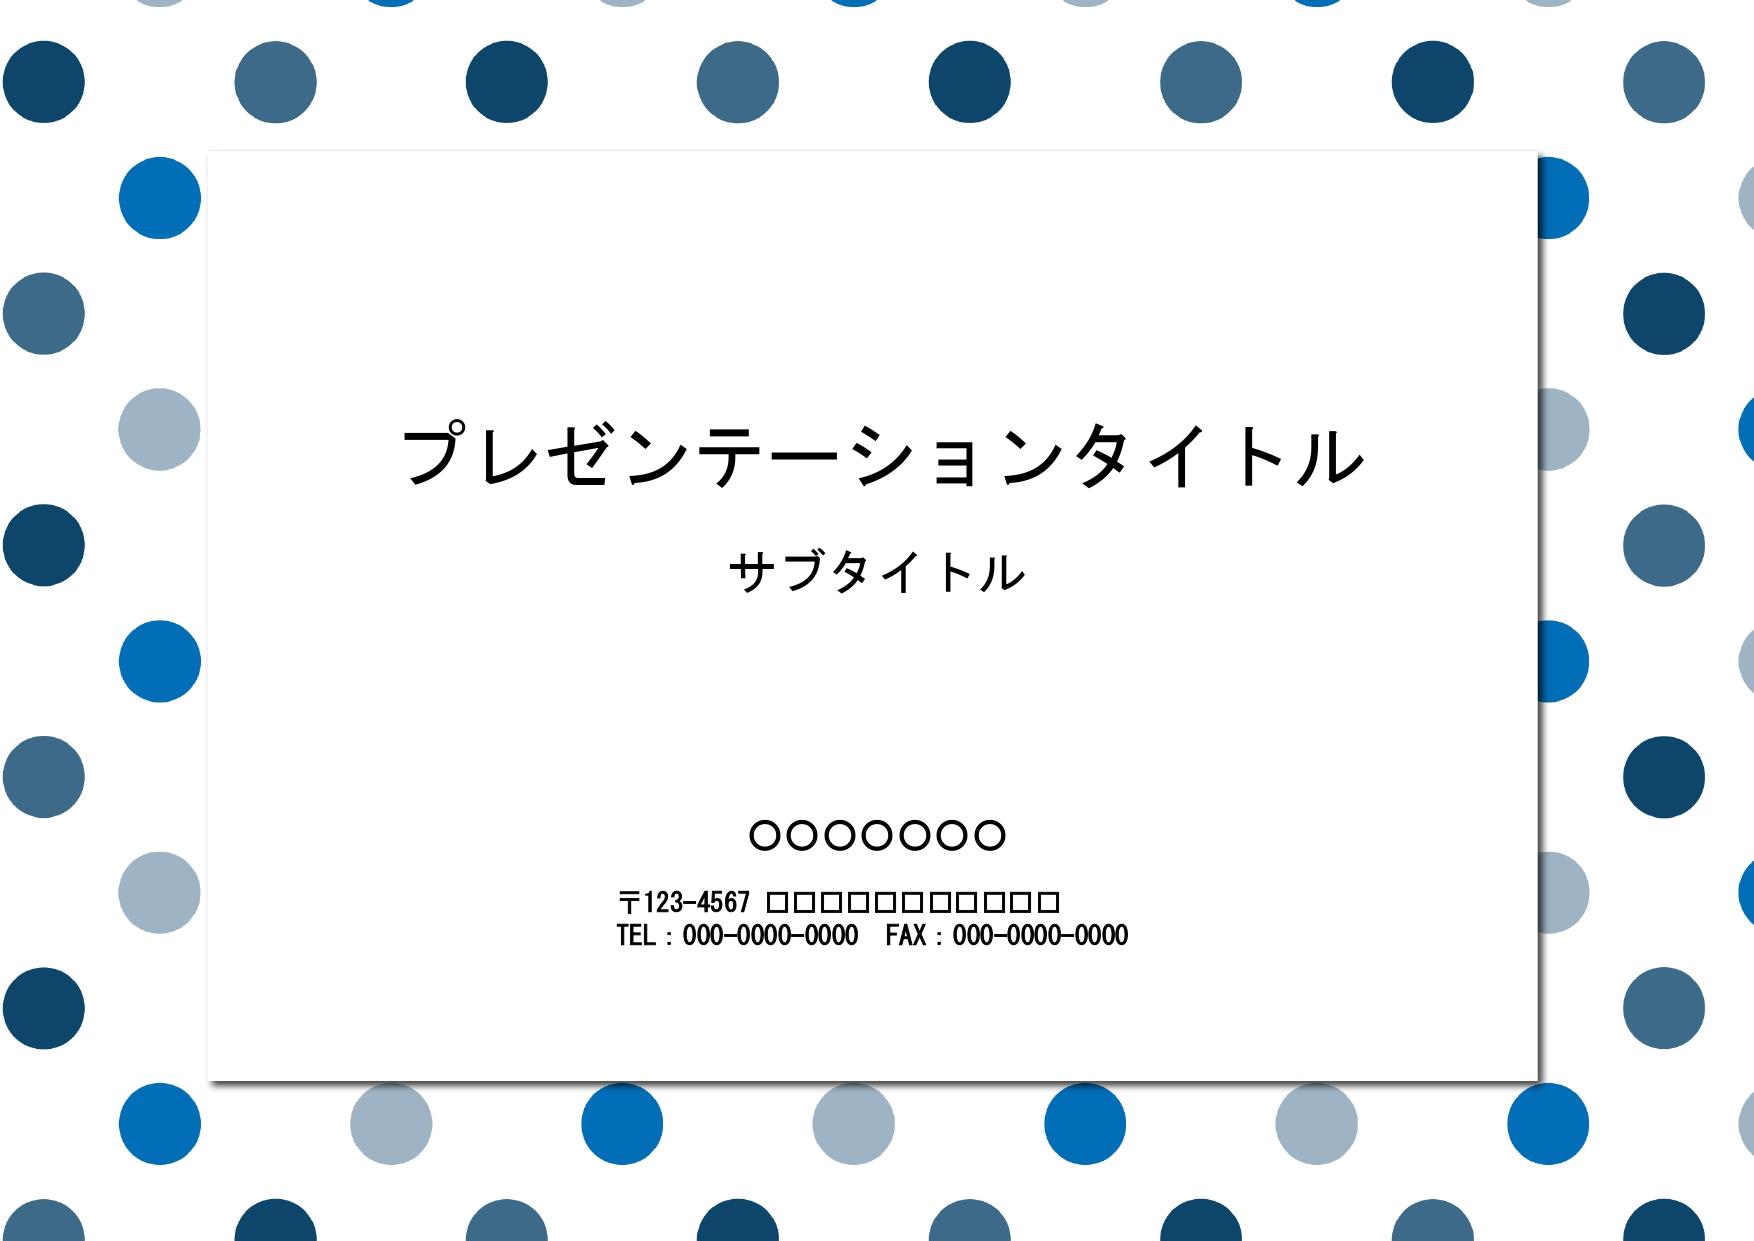 水玉模様(ドット柄)ブルーのパワポの無料テンプレート素材